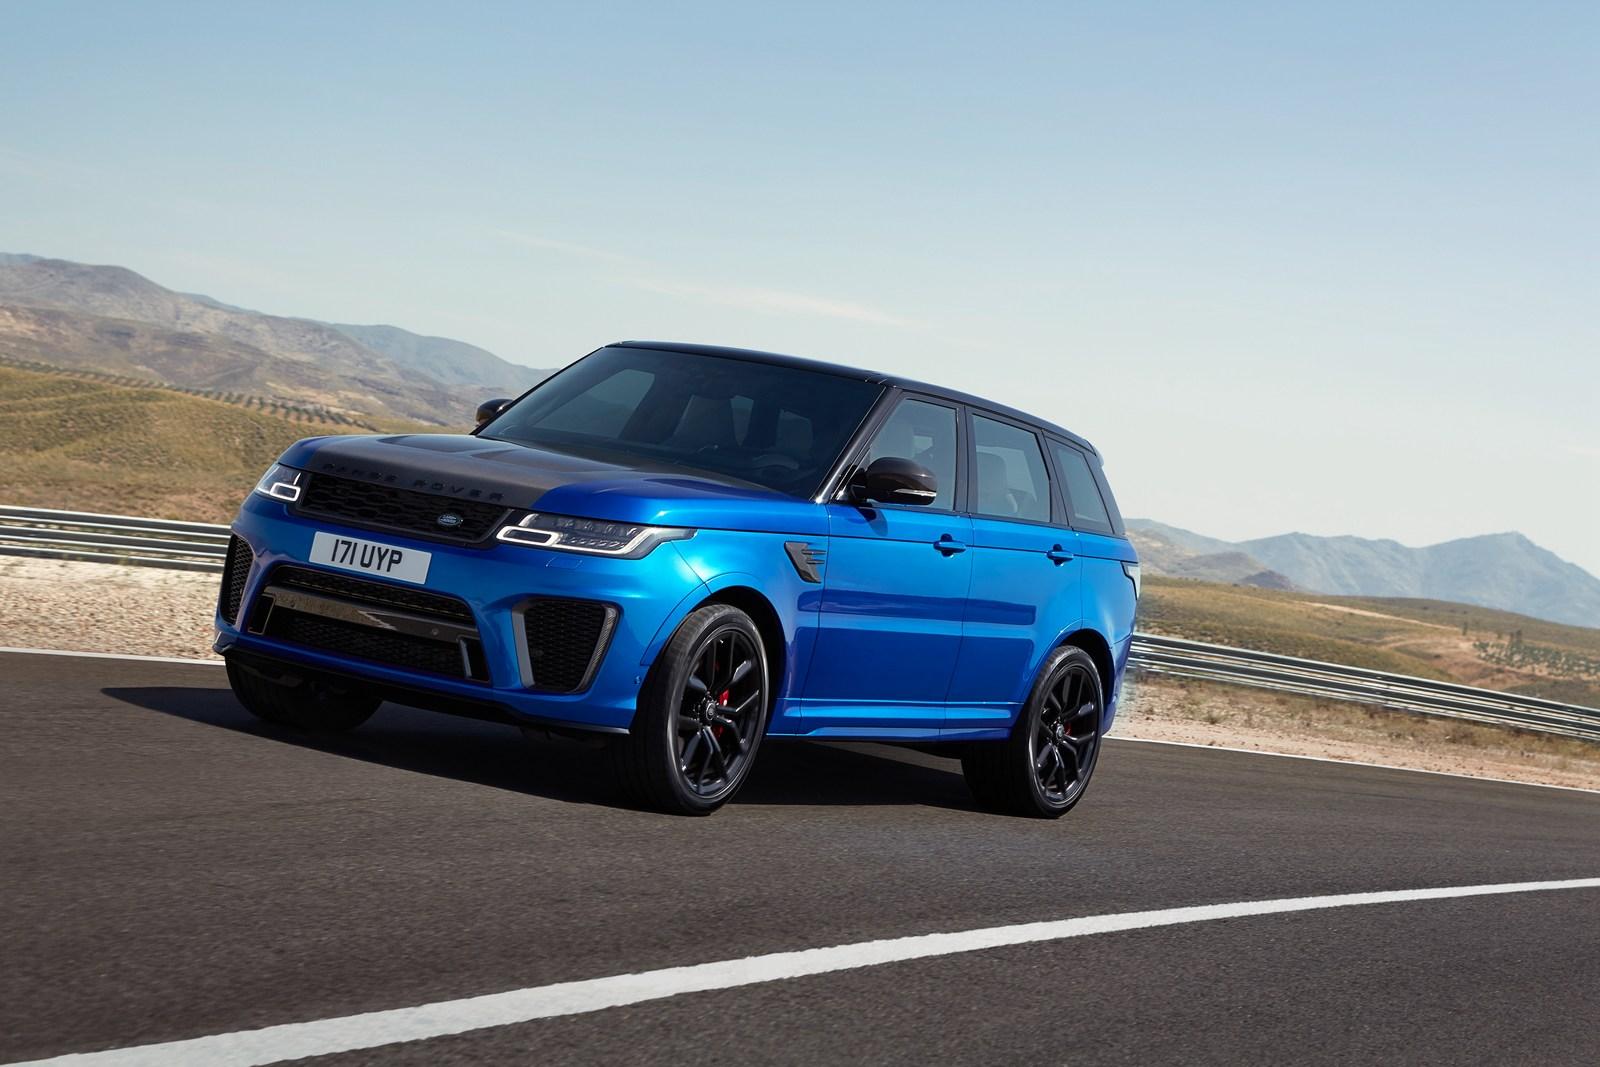 2018_Range_Rover_Sport_SVR_Facelift_16